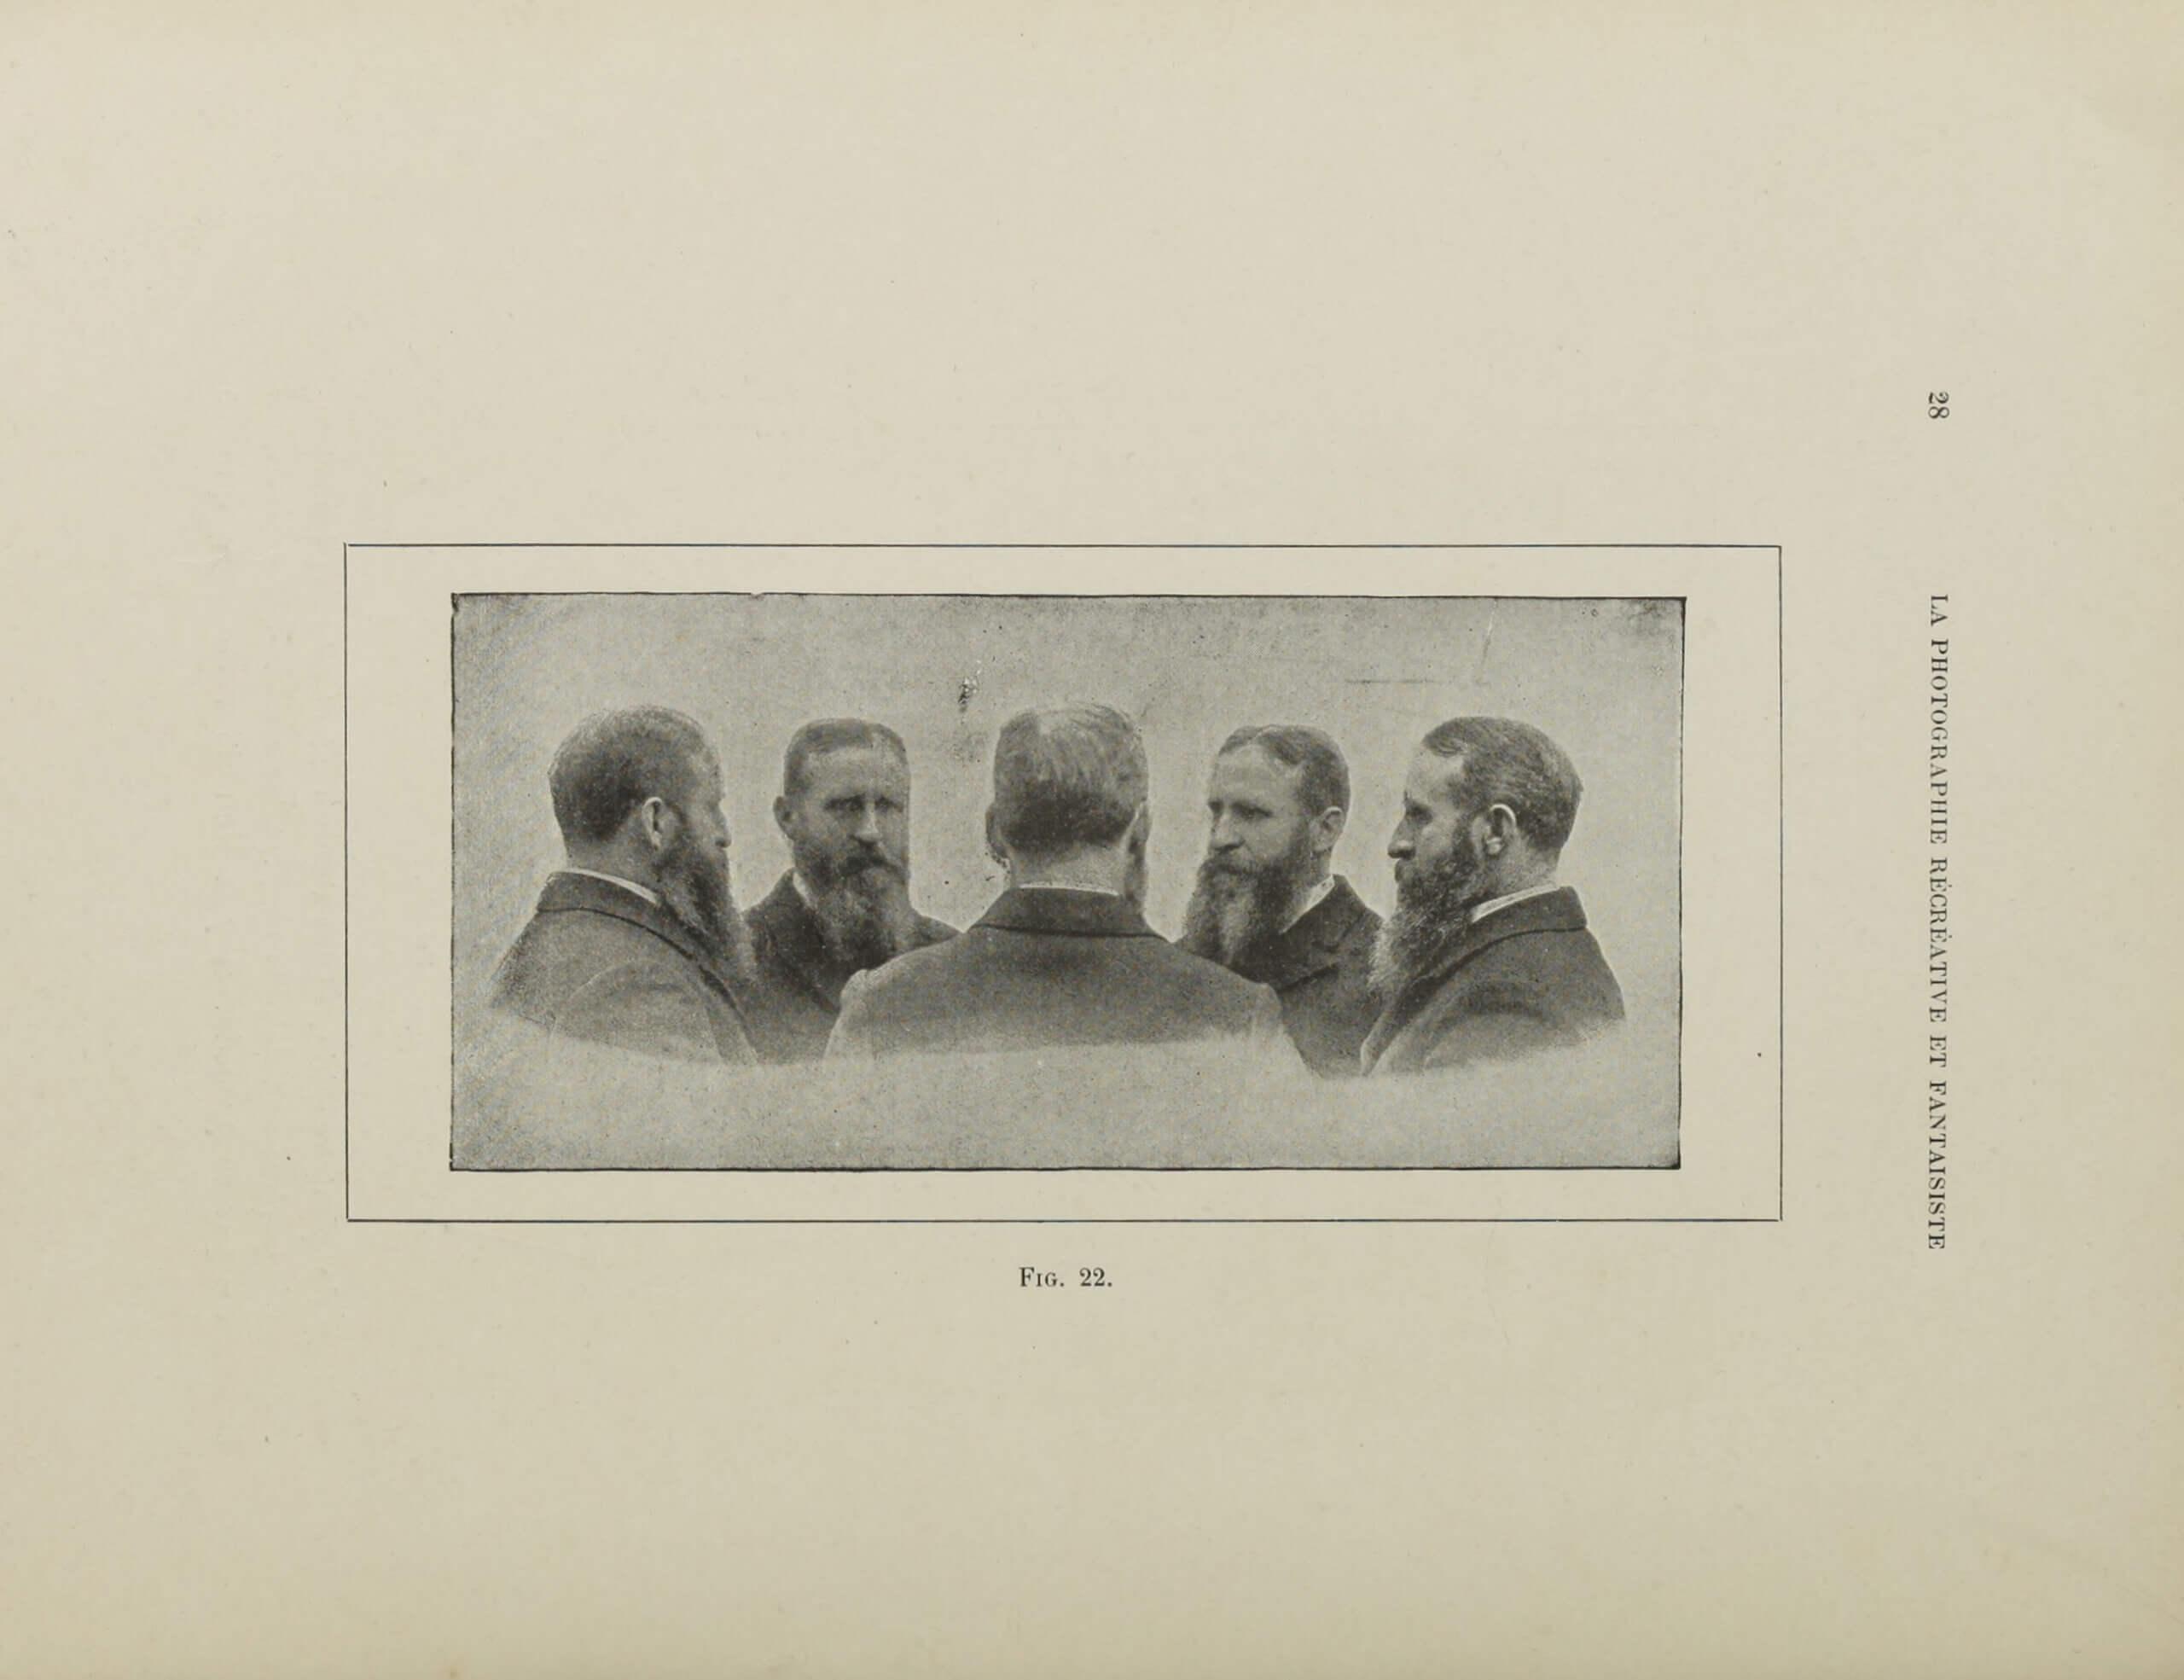 César Chaplot, « La multiphotographie », <em>La Photographie récréative et fantaisiste – recueil de divertissements, trucs, passe-temps photographiques</em>, Paris, Charles Mendel, 1900, p. 28  (Getty Research Institute)